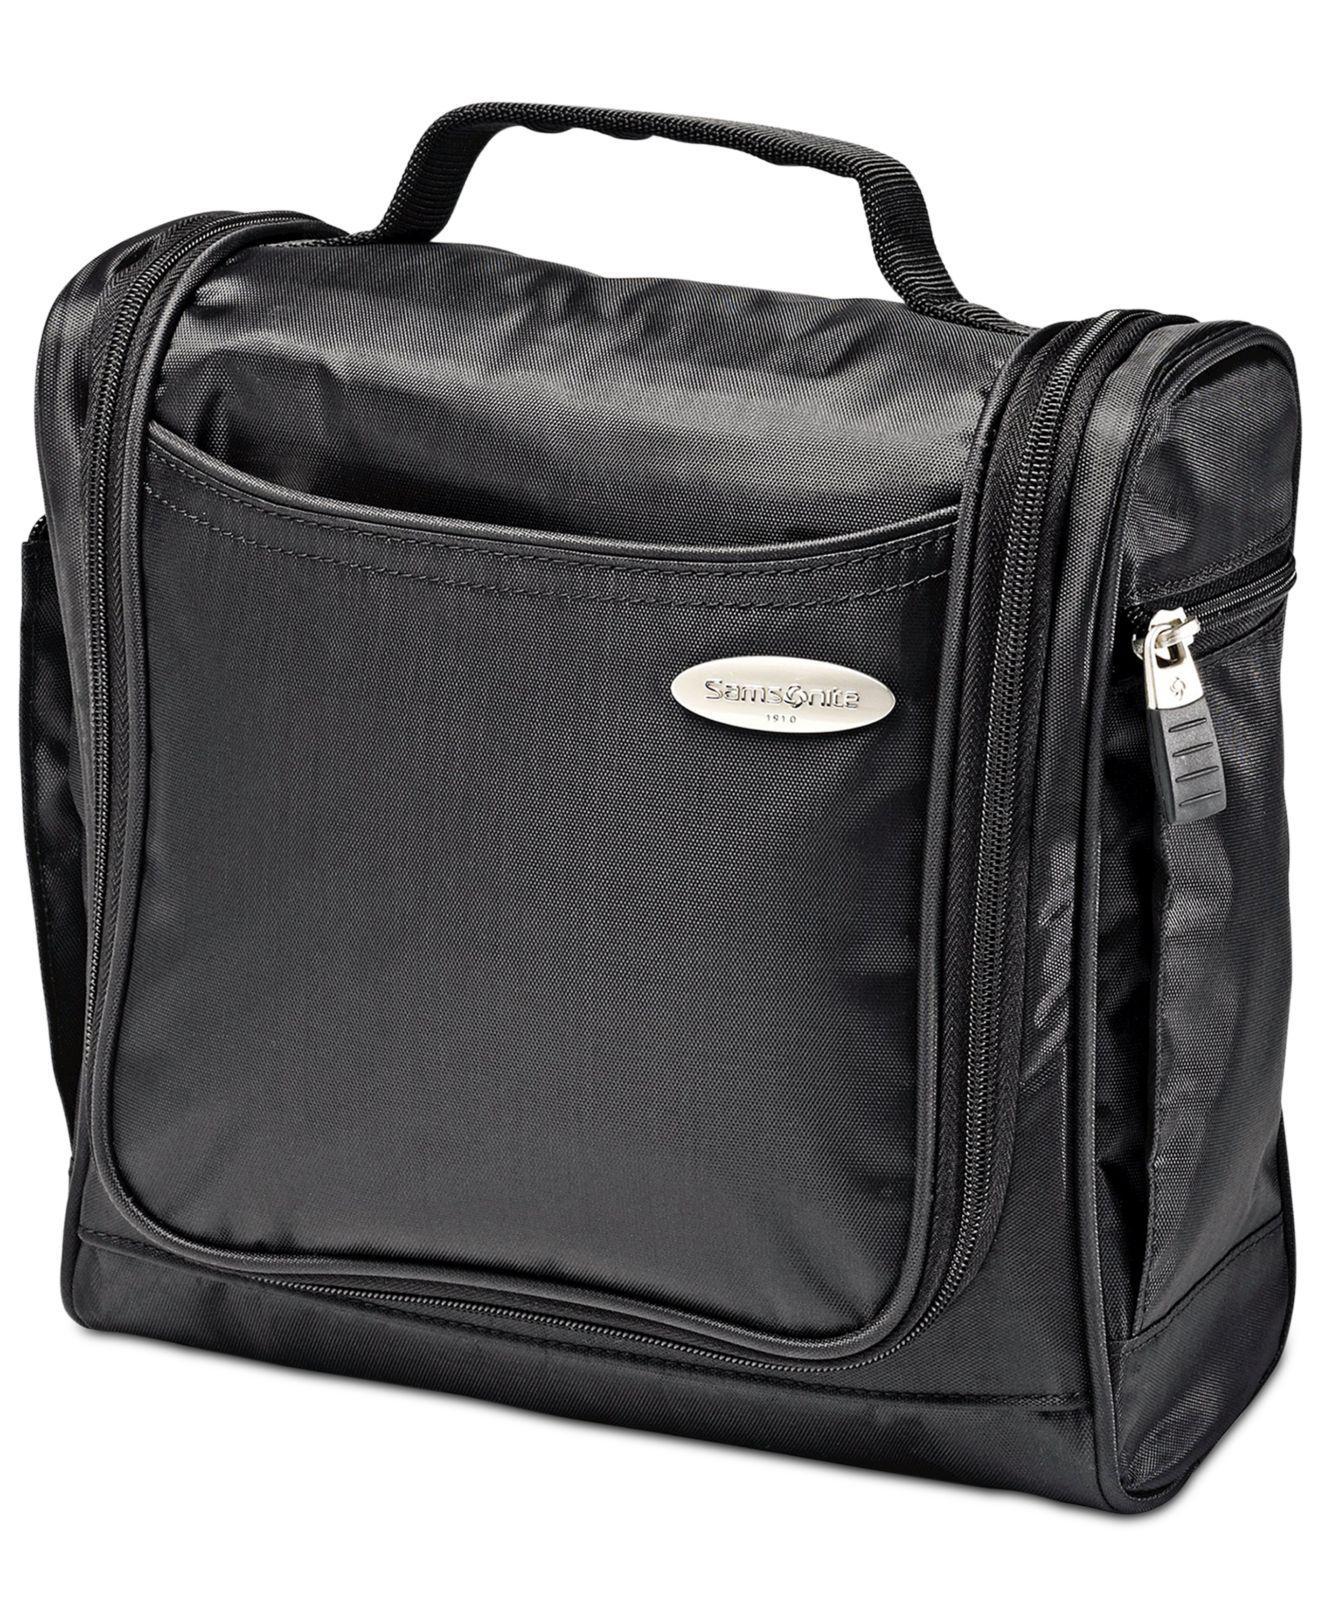 Llbean Toiletry Bag